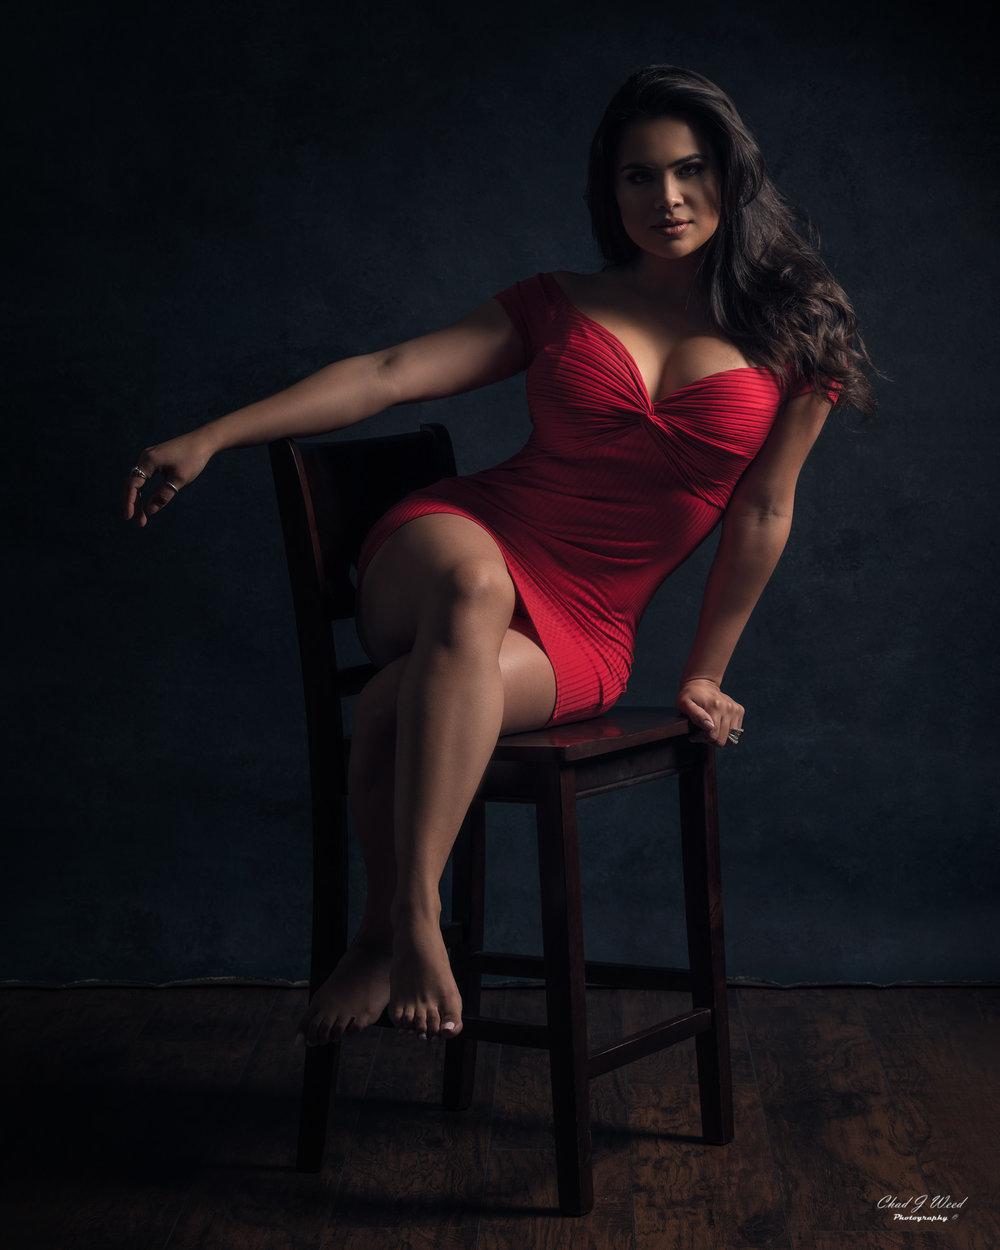 Mesa Arizona Fashion Photographer Chad Weed of Model Karla